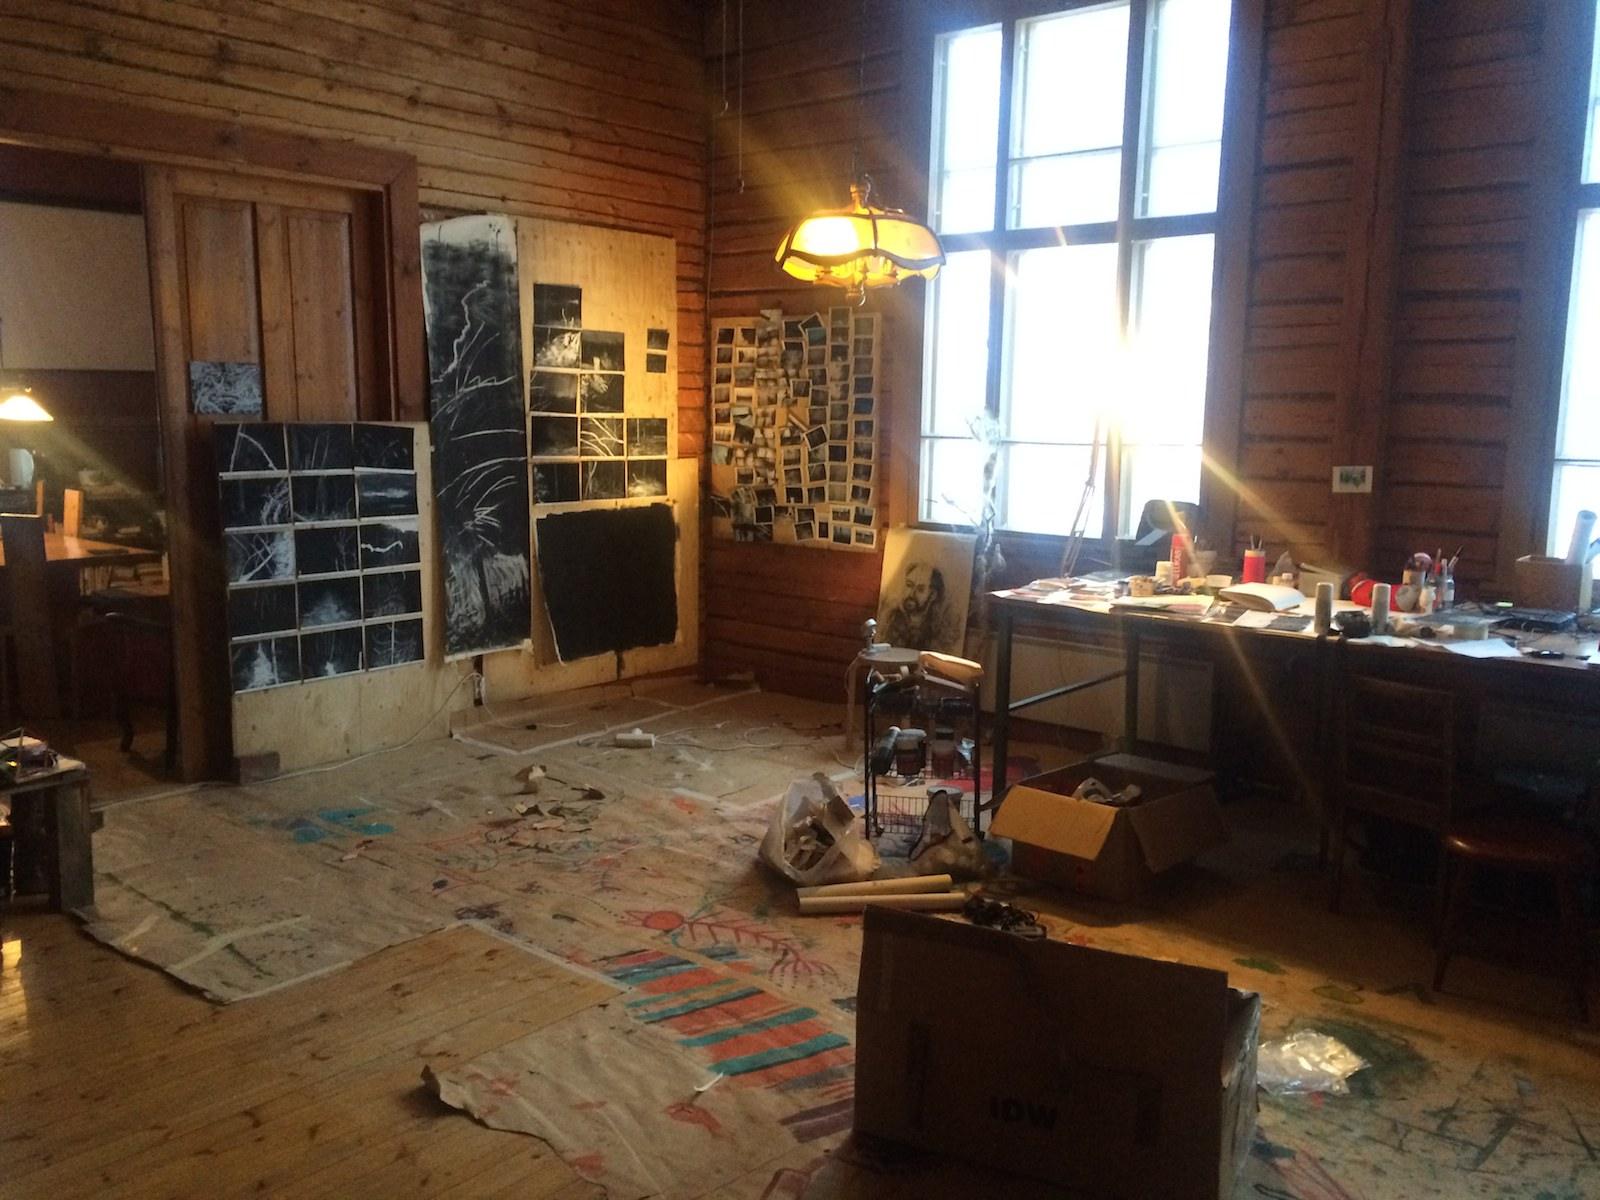 Studio, AiR Rasi637, Finland, Winter 2014, Jane Hughes